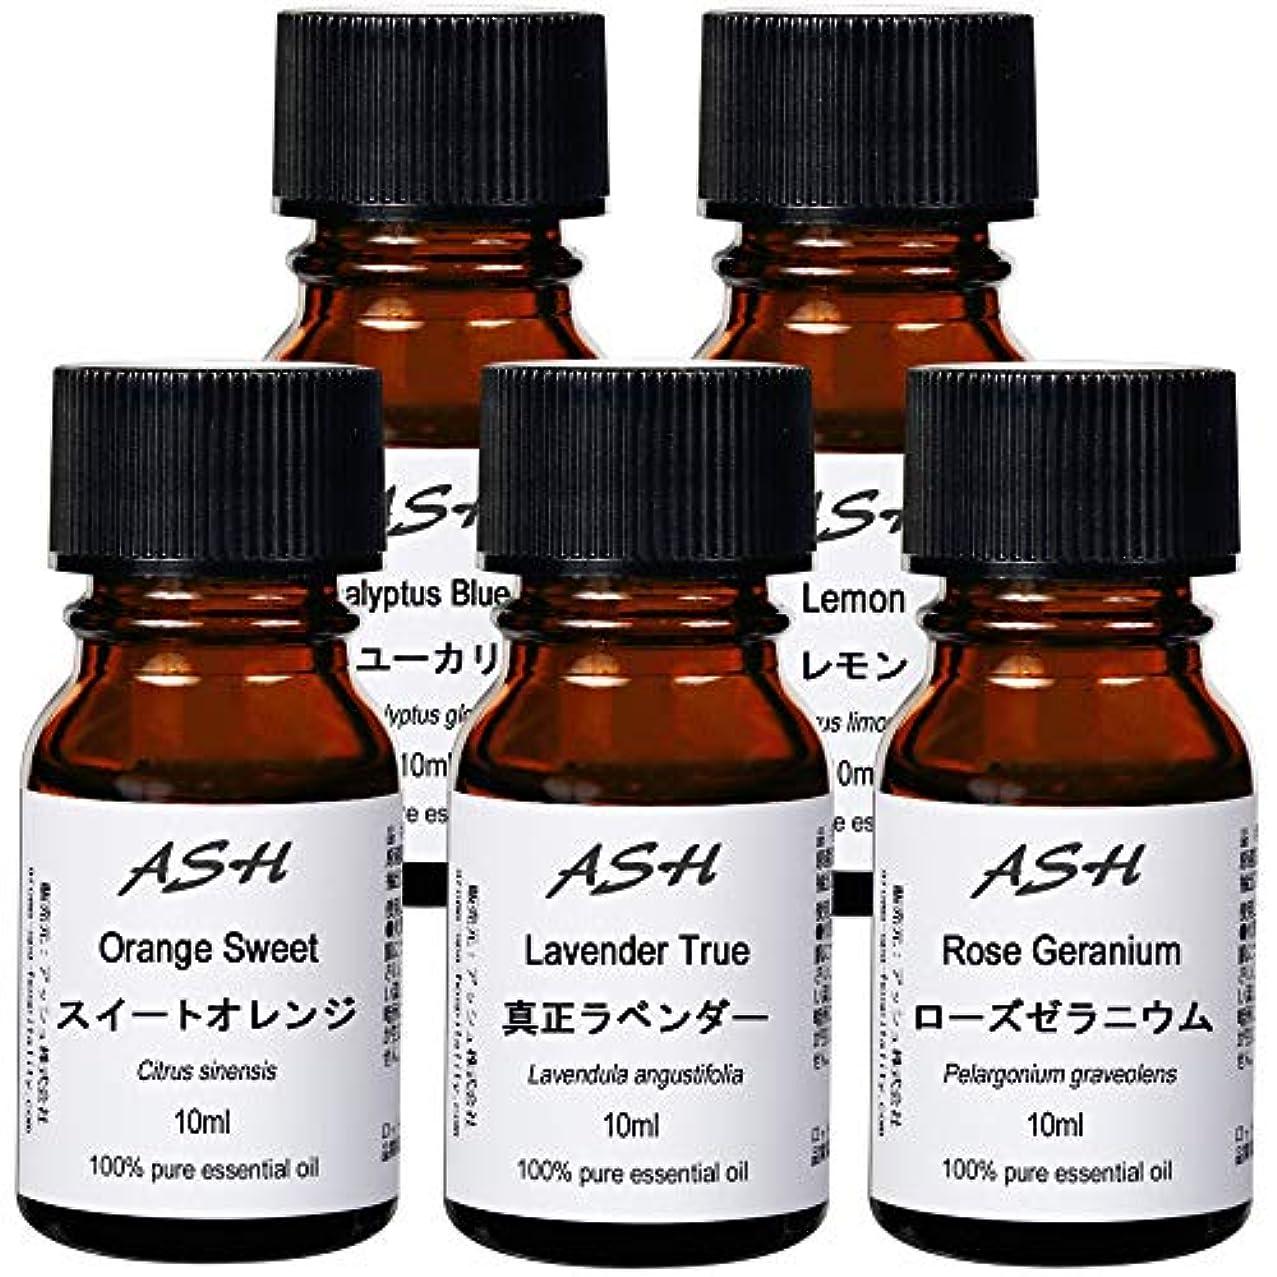 ショップ学部長構想するASH エッセンシャルオイル A.お試し 10mlx5本セット (スイートオレンジ/ユーカリ/ラベンダー/レモン/ローズゼラニウム) AEAJ認定精油